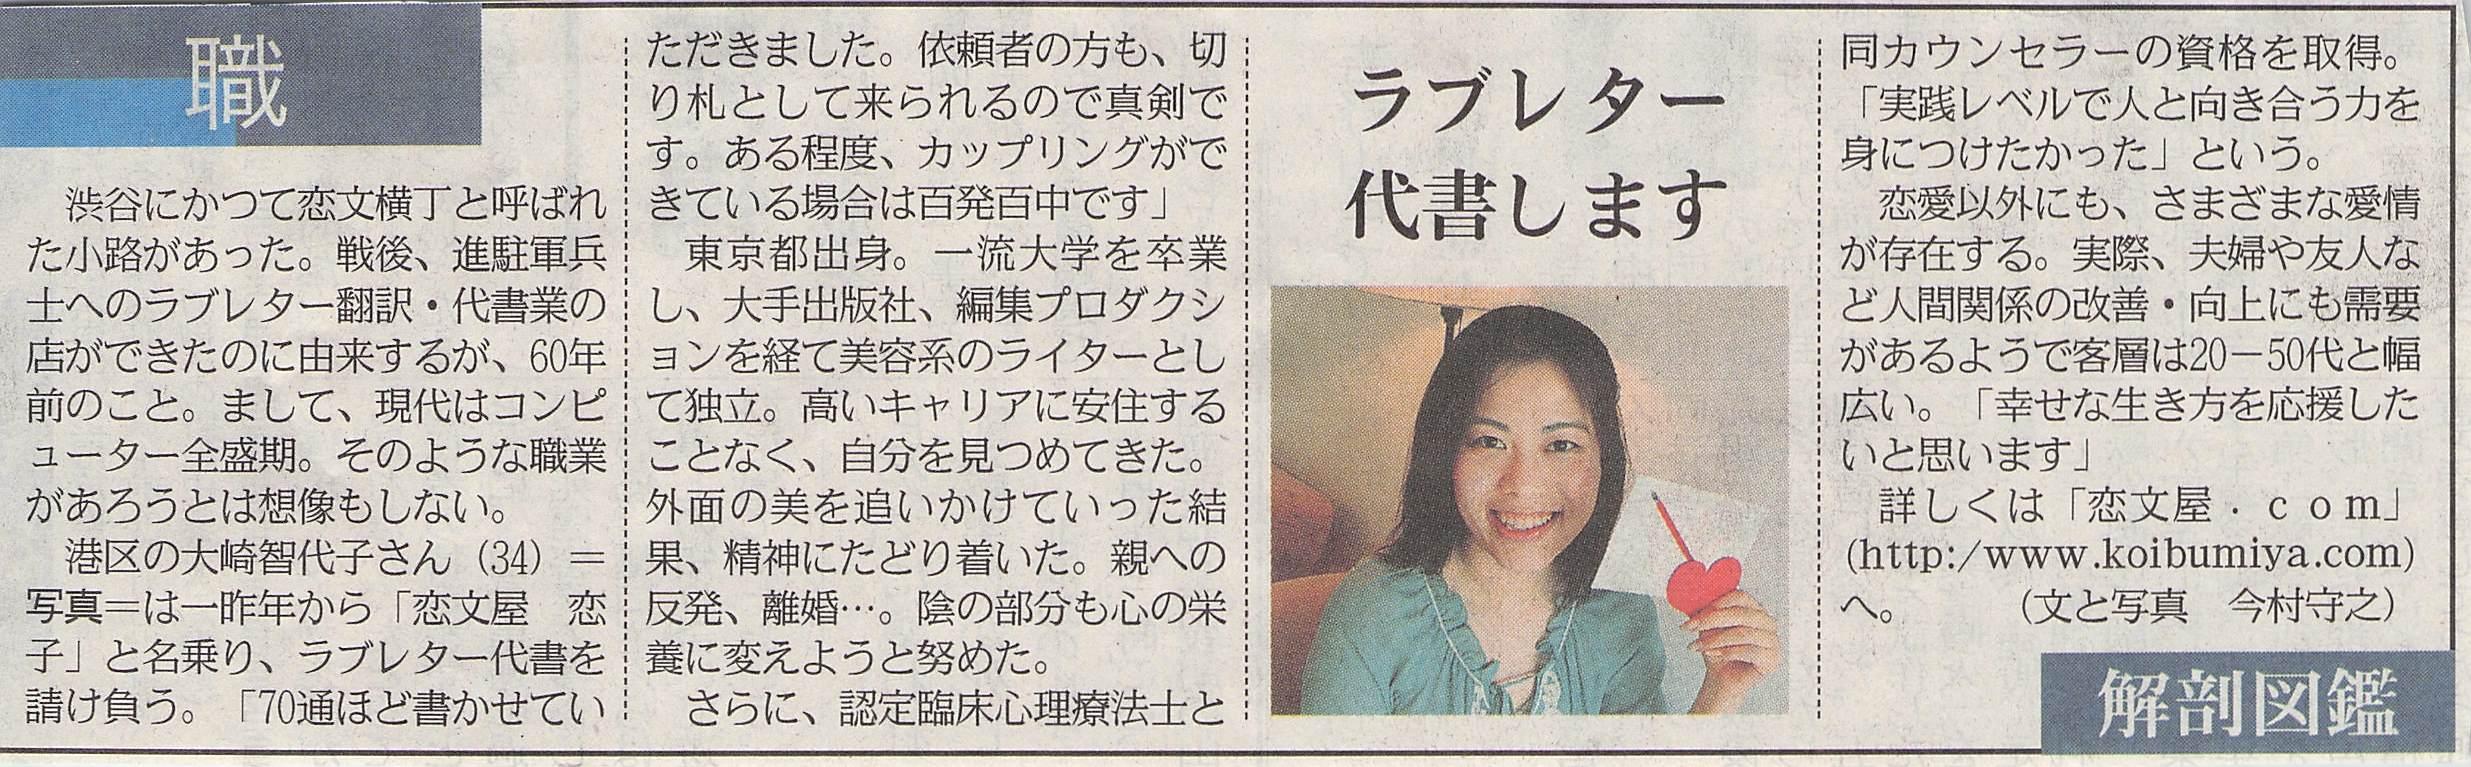 20080407東京新聞「職」